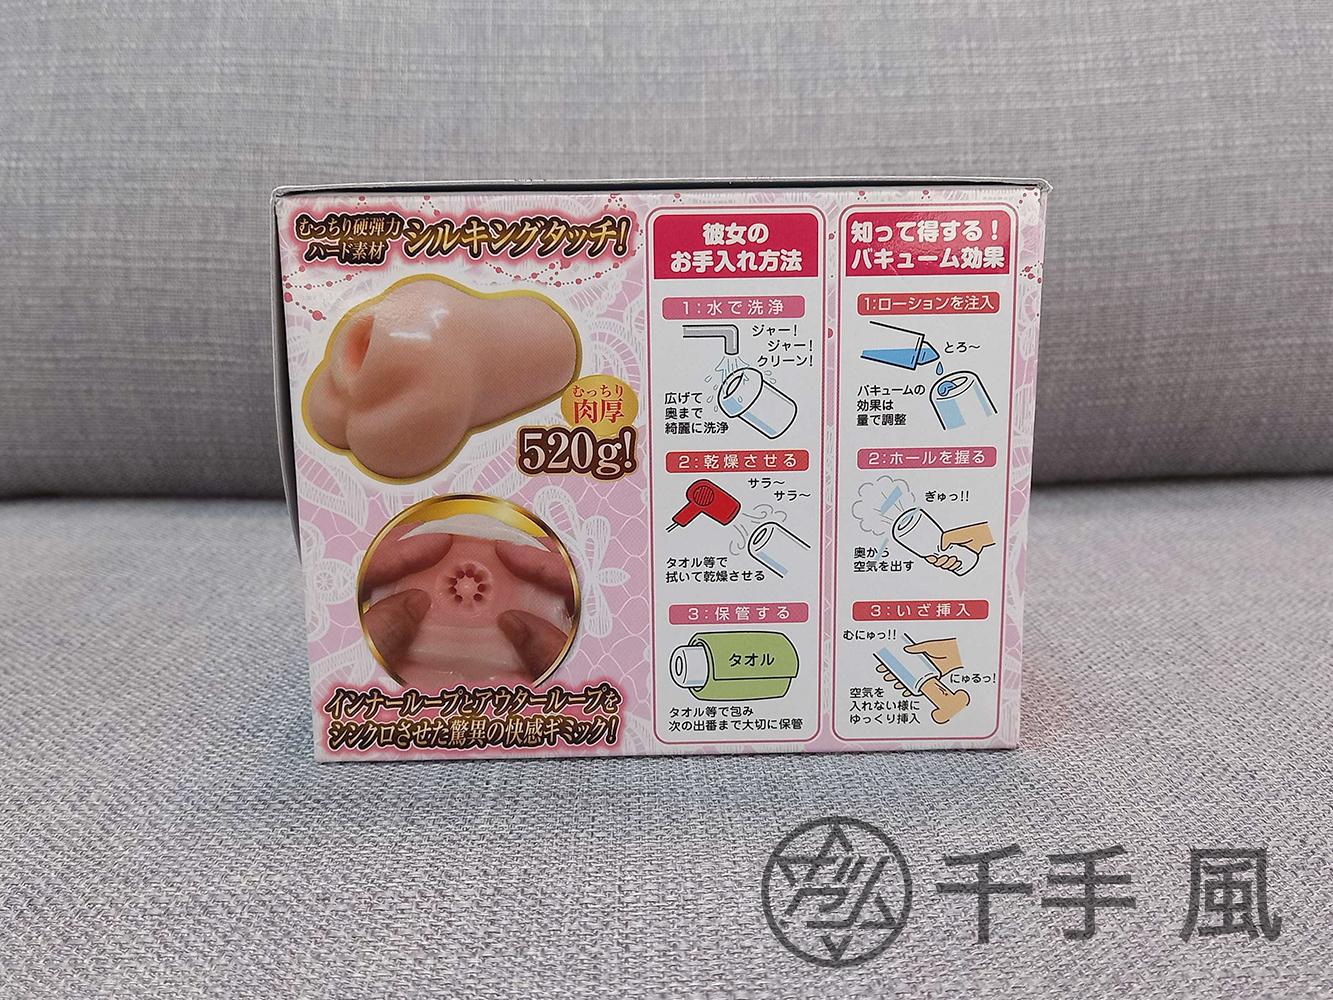 【開箱實測】超刺激肉柱《肉償家政婦》龜頭責飛機杯!在家尻尻救台灣!